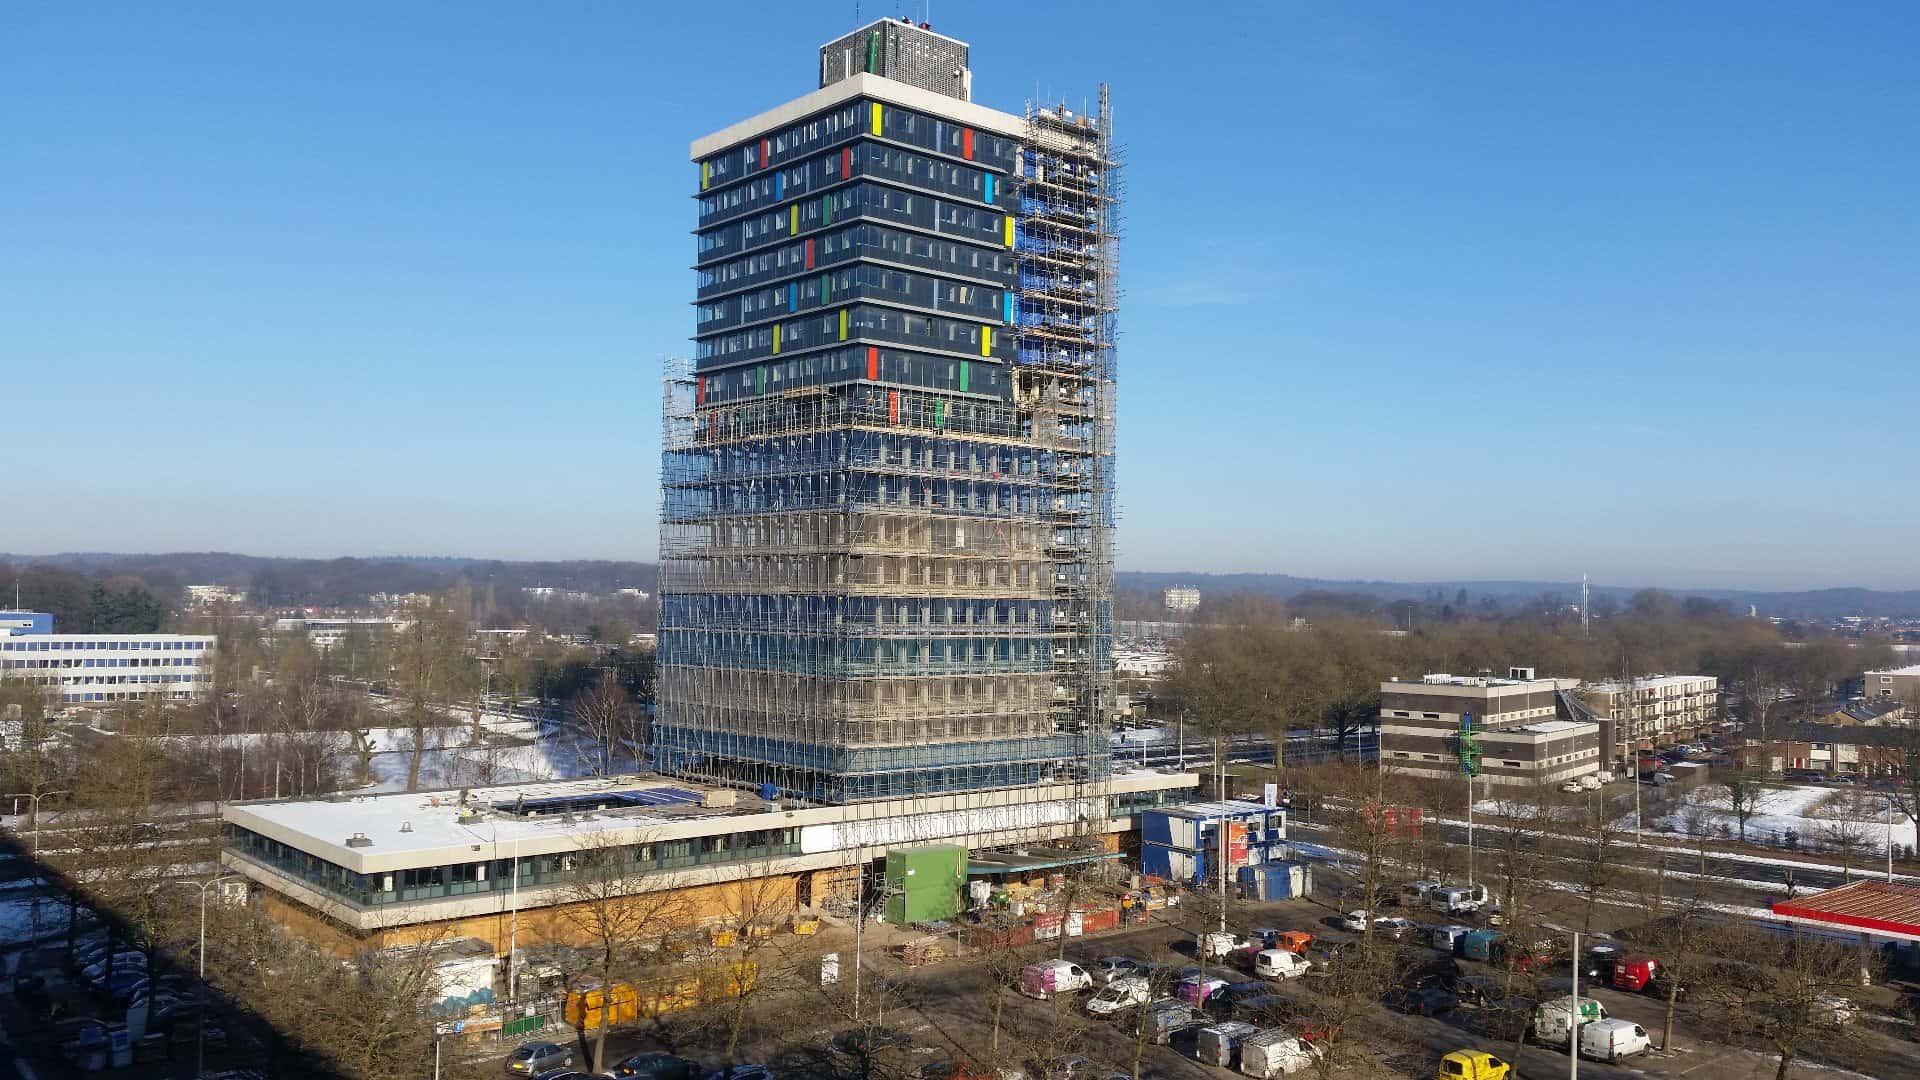 De grootste kantoortransformatie naar studentenwoningen buiten de Randstad: RWS toren Arnhem